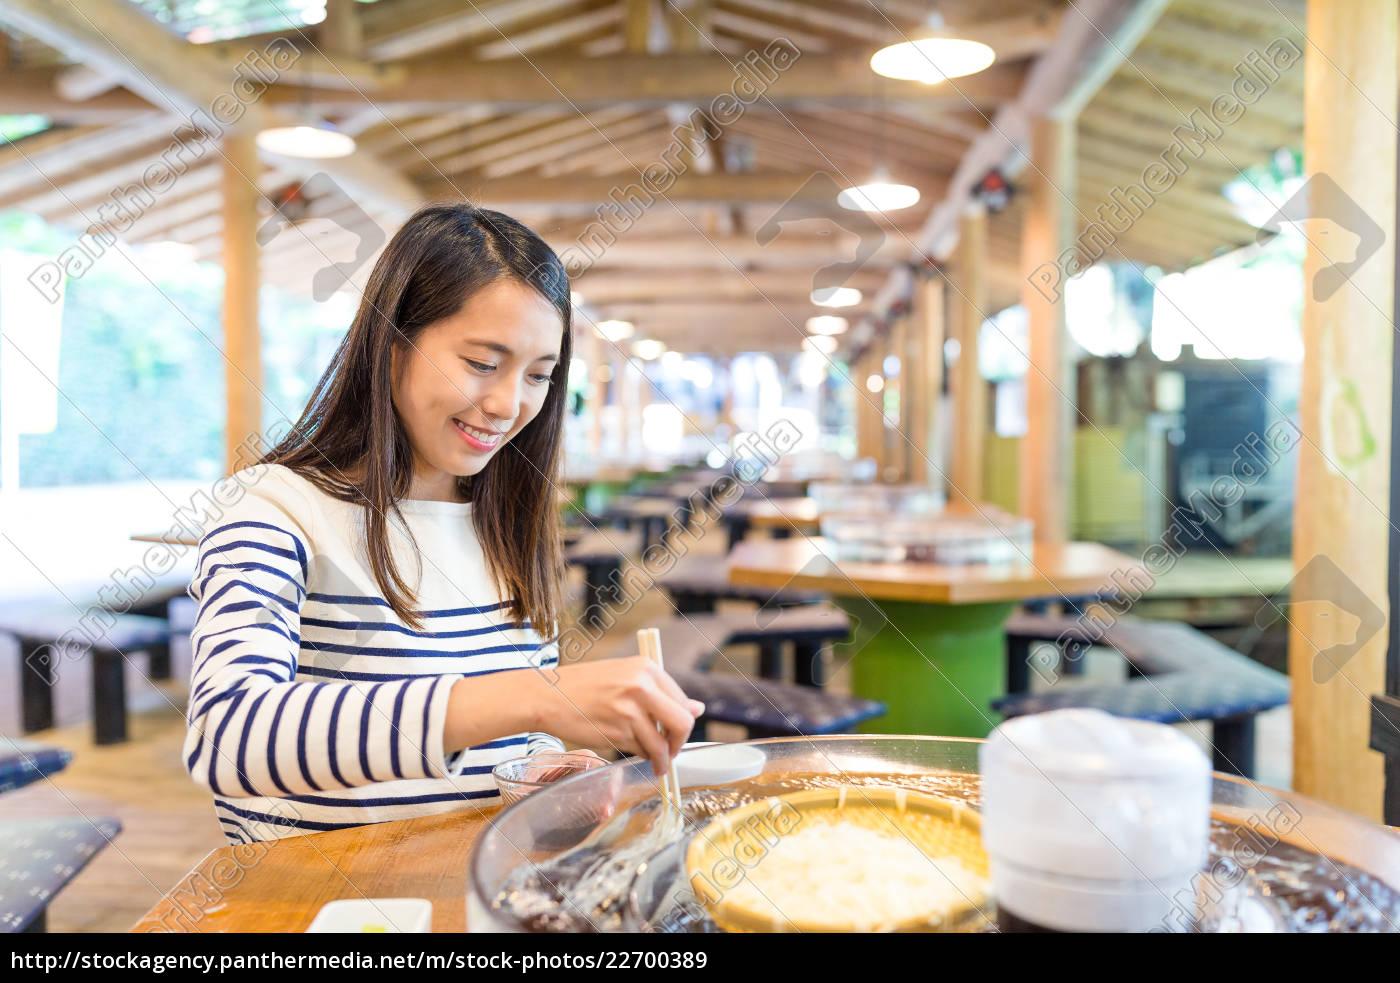 woman, enjoy, water, flow, white, noodles - 22700389